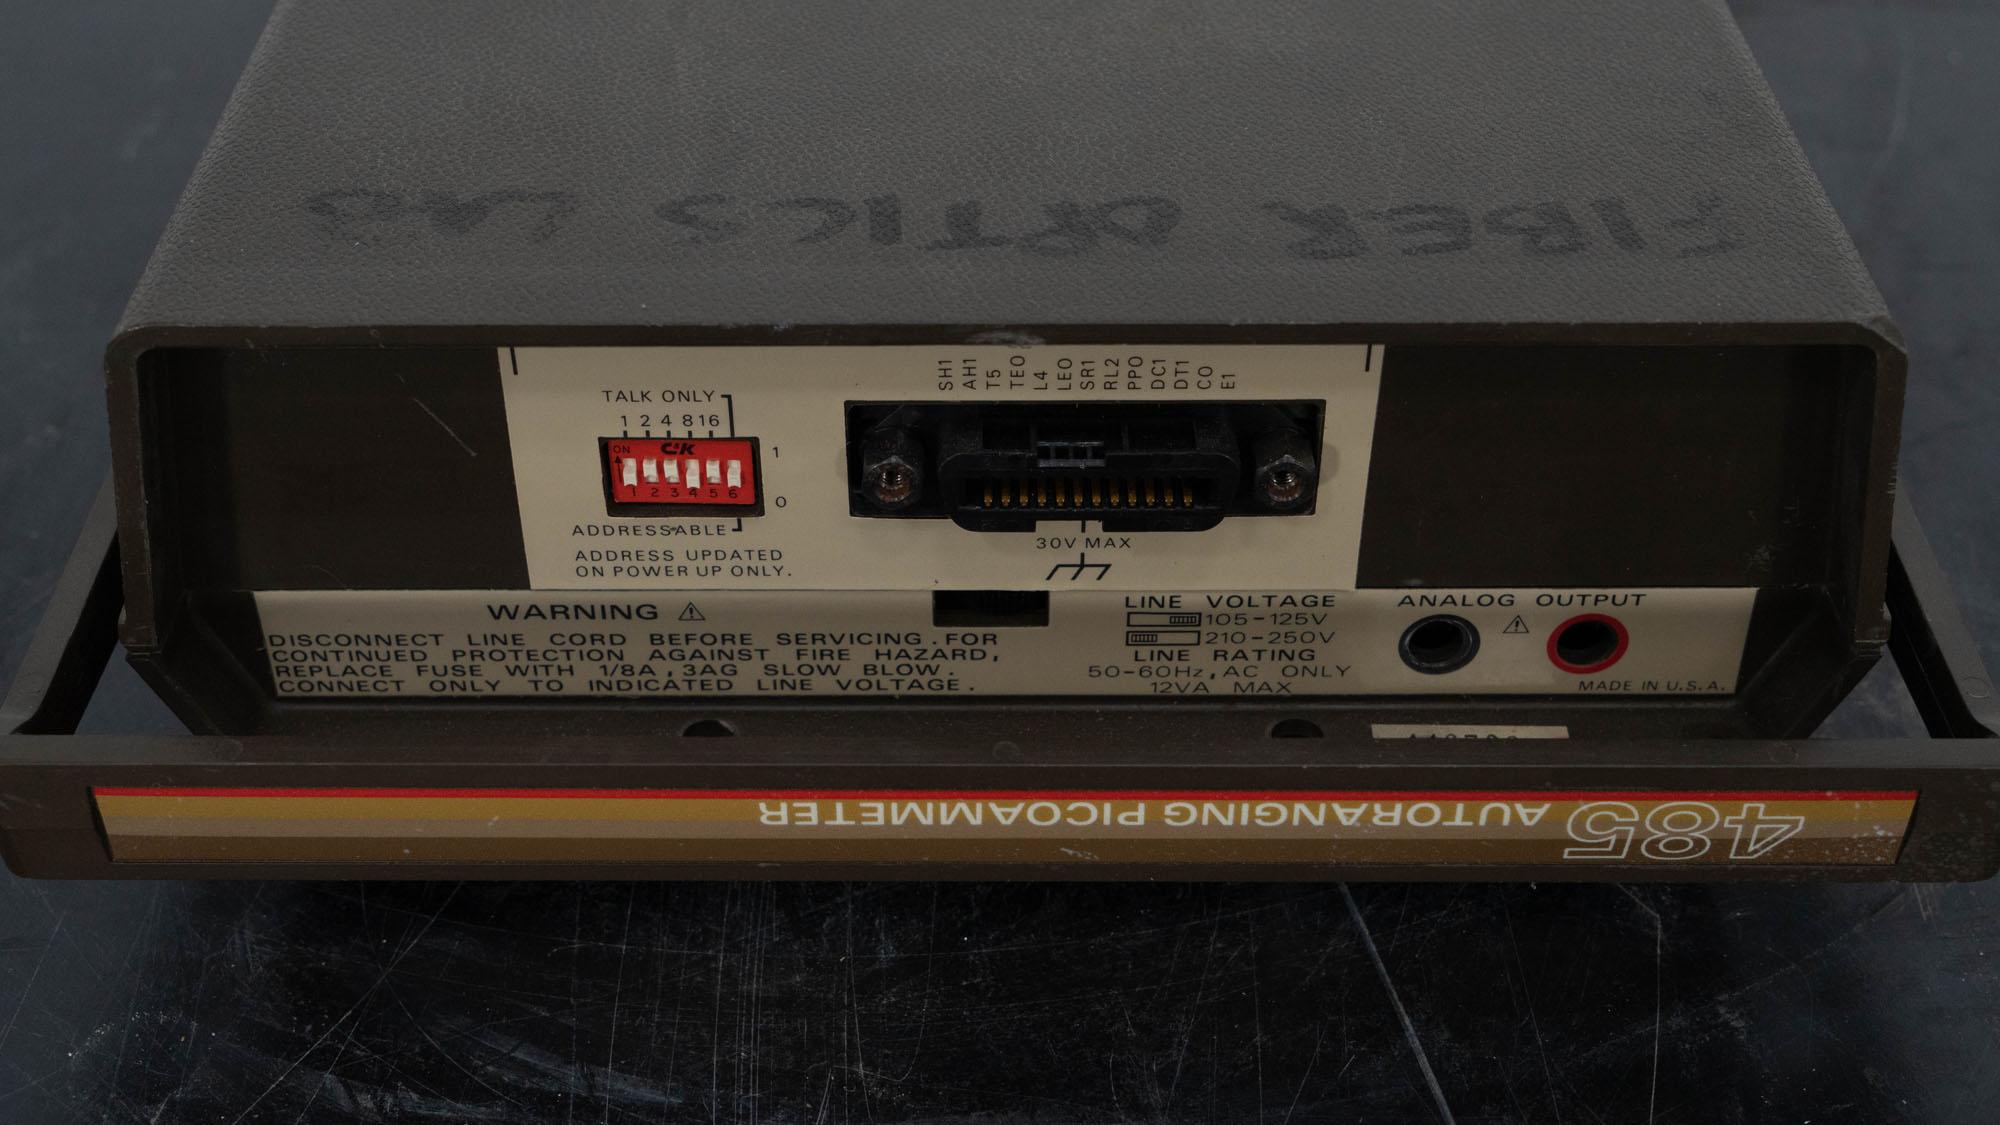 Keithley Digital Electrometer, Model 485